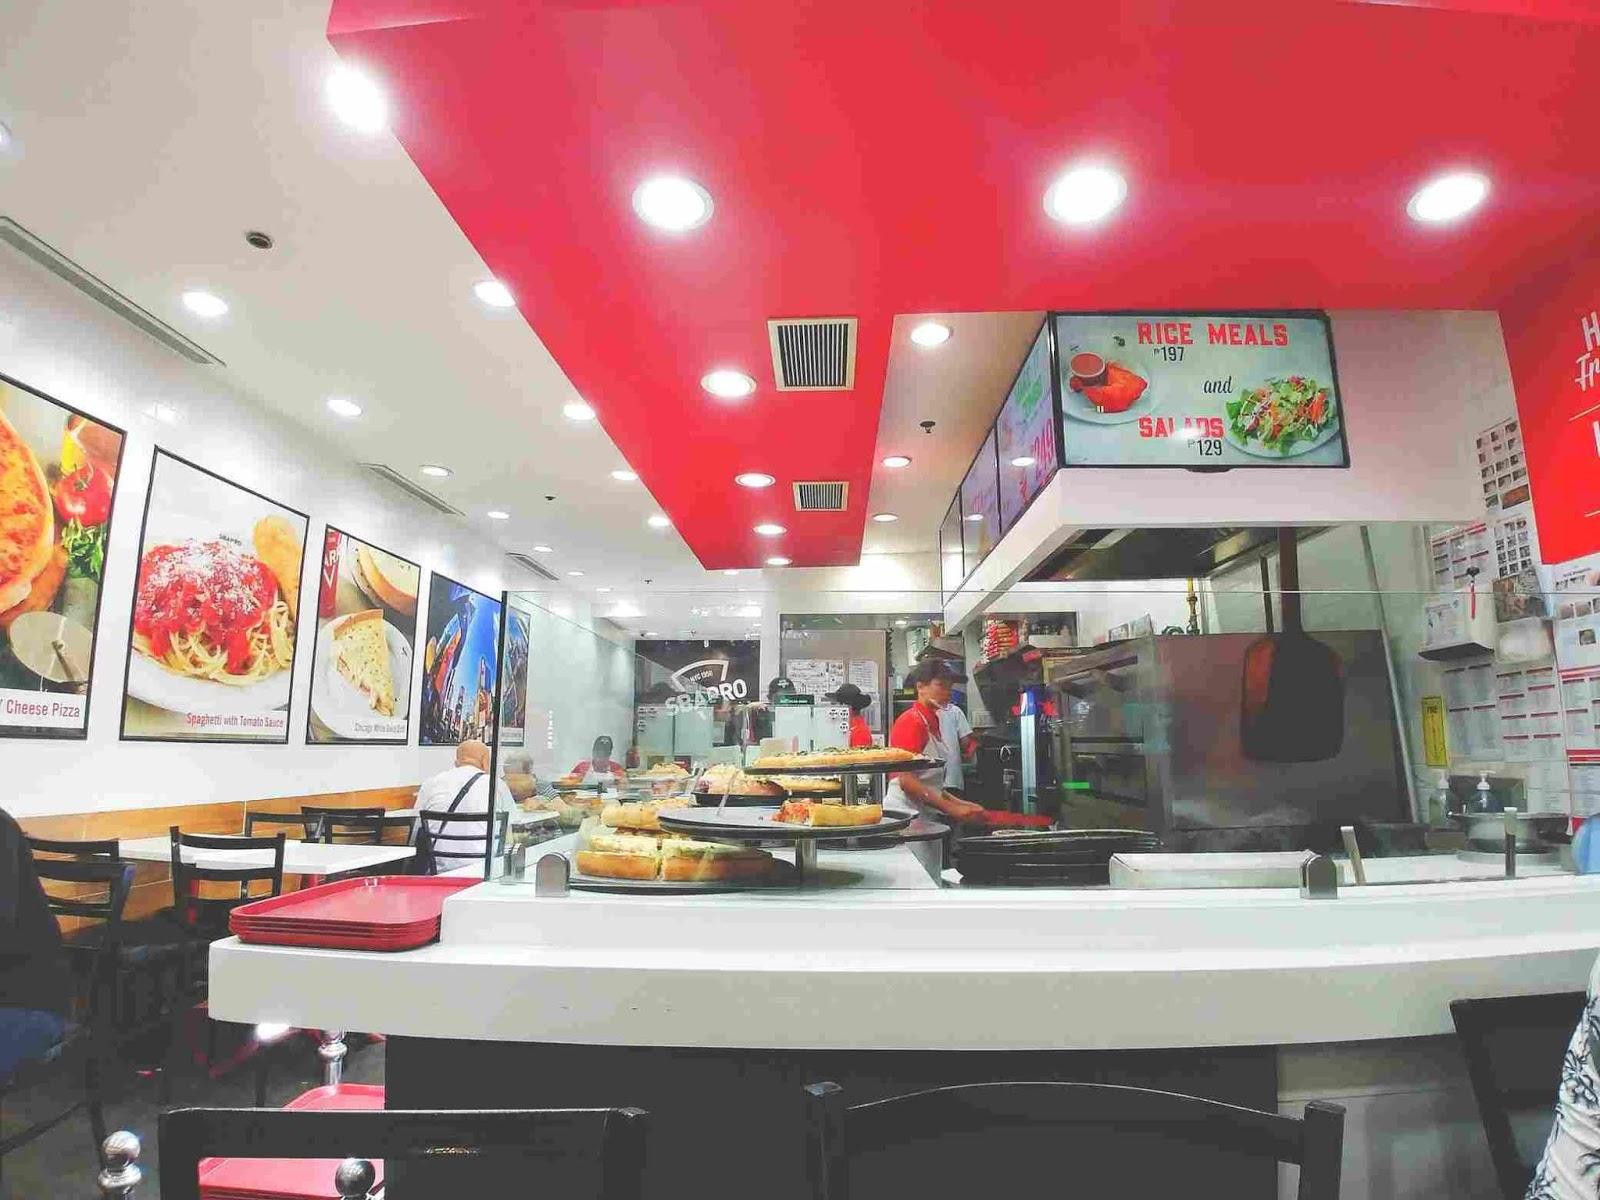 Sbarro restaurant ambiance